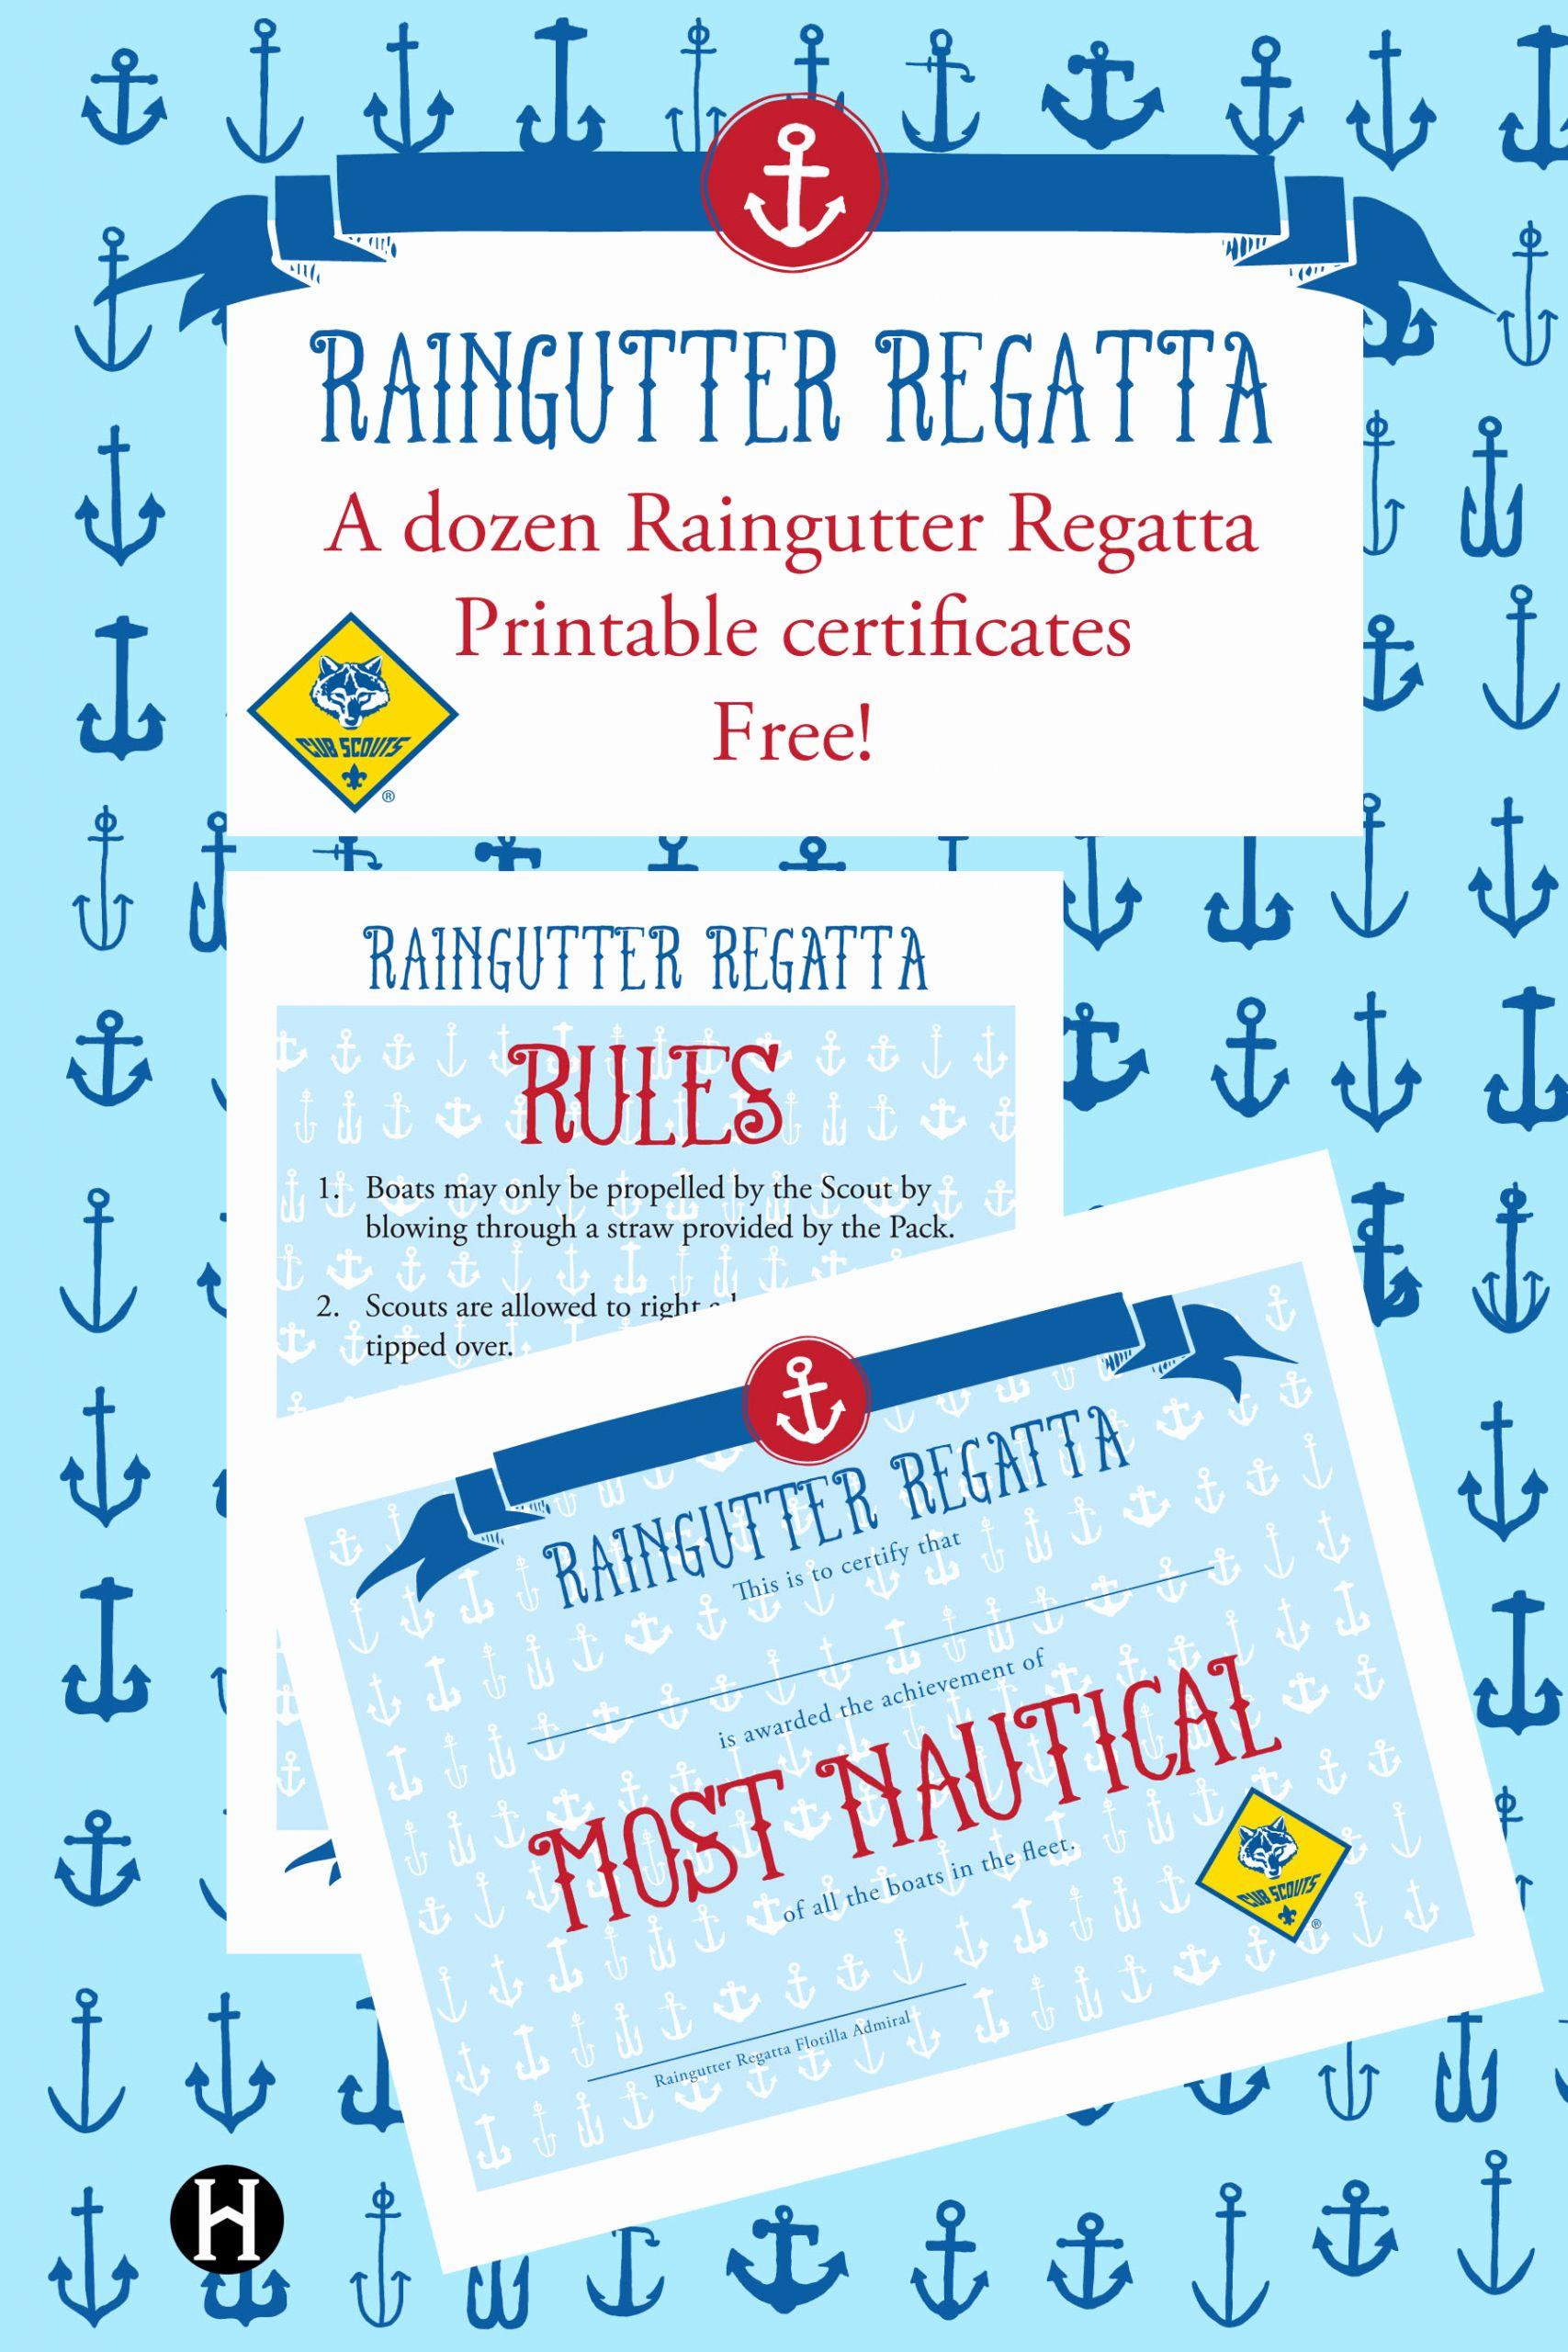 cub scout raingutter regatta